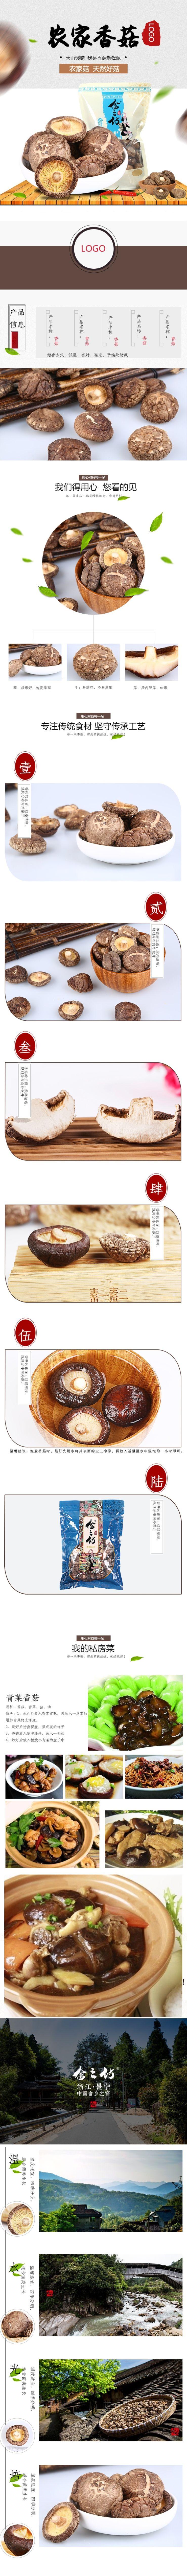 清新简约百货零售美食干货香菇促销电商详情页